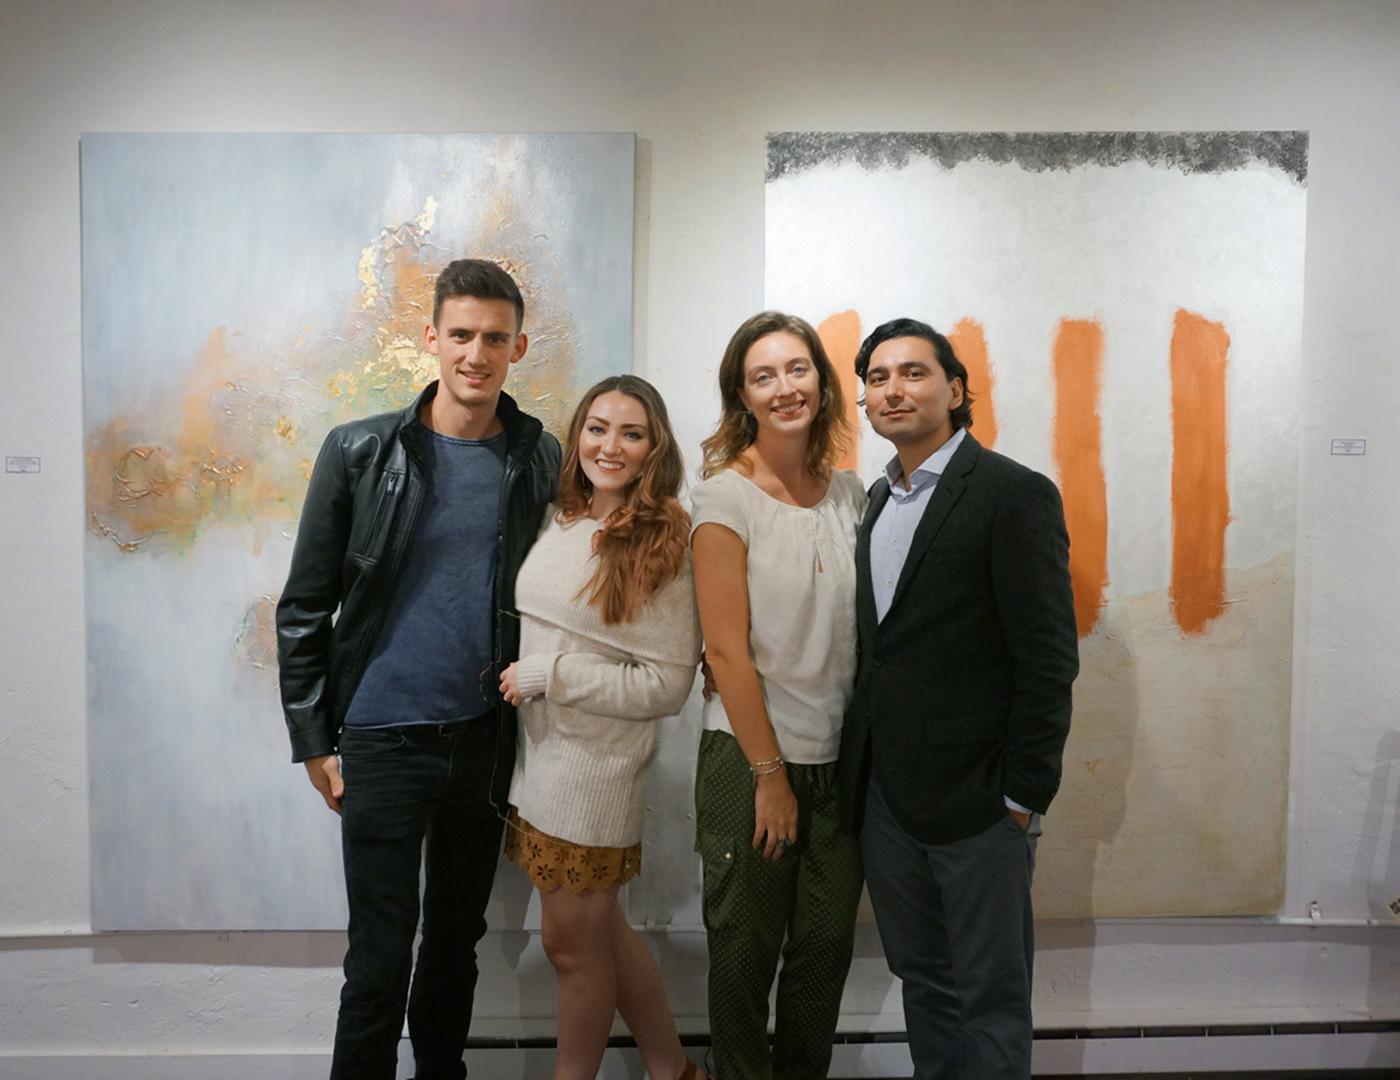 Christine & Joel Olmstead + Adrian Vega & Marta Staudinger